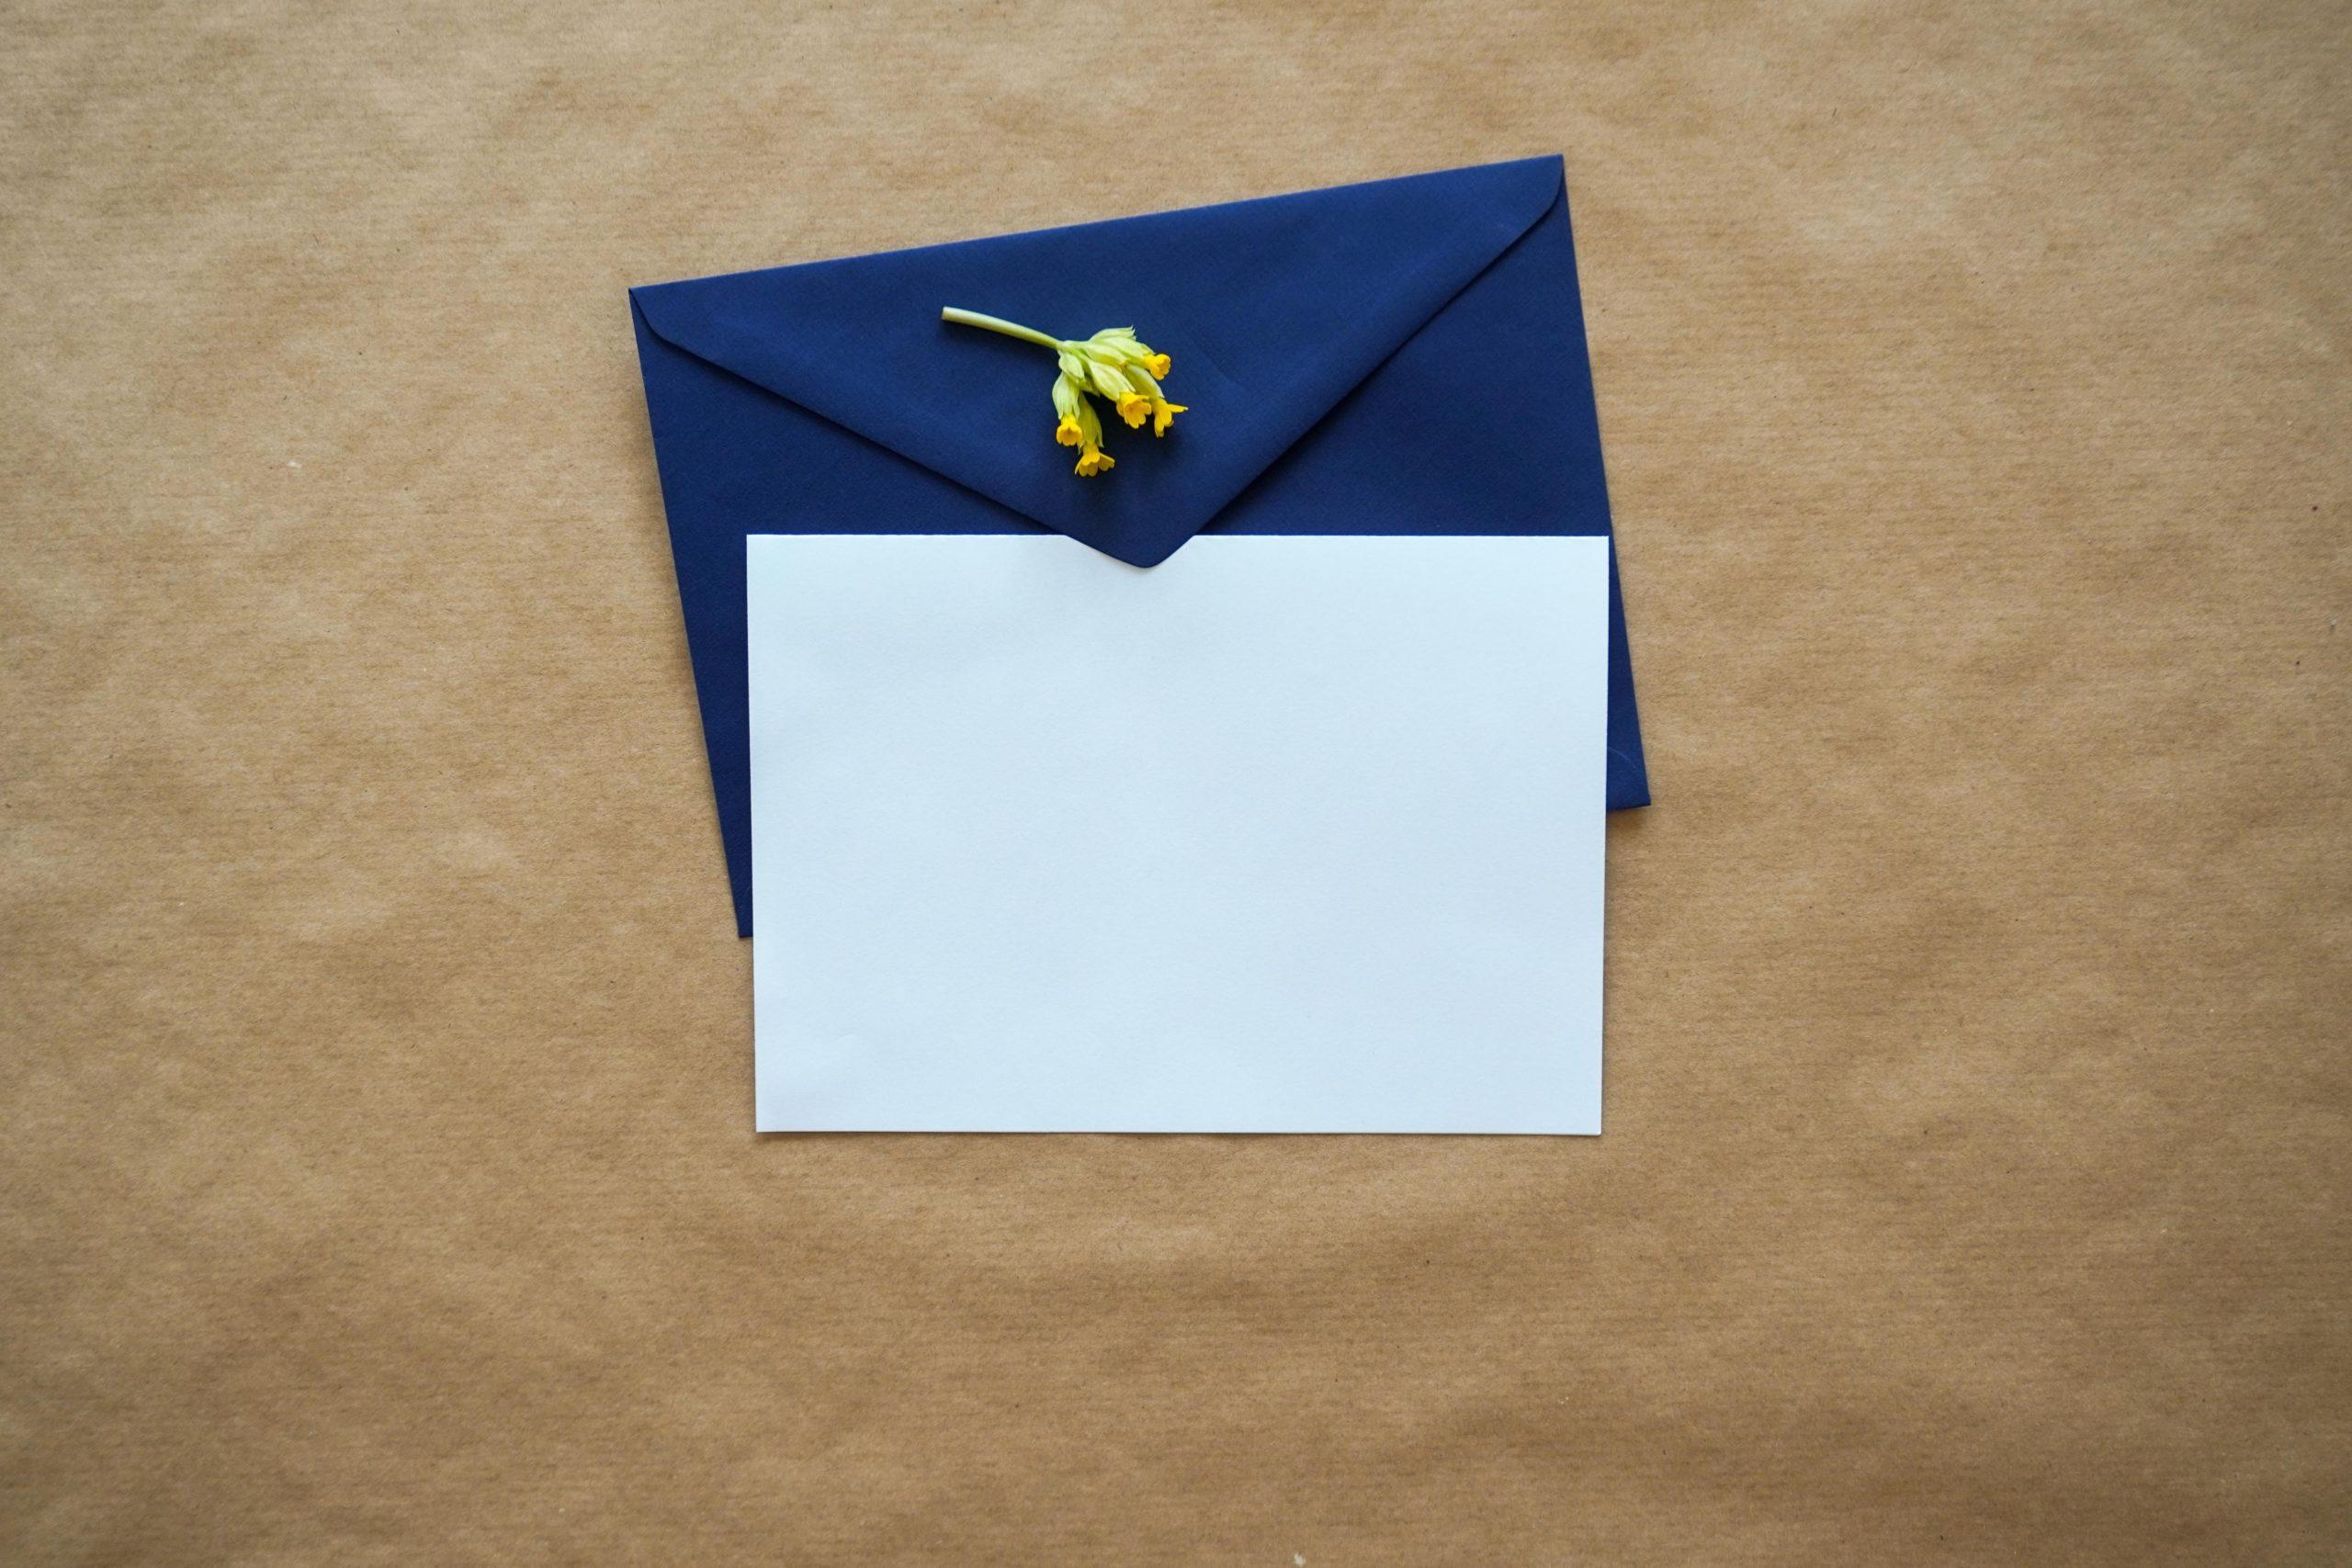 3親等内の親族には扶養照会の書類が送付される